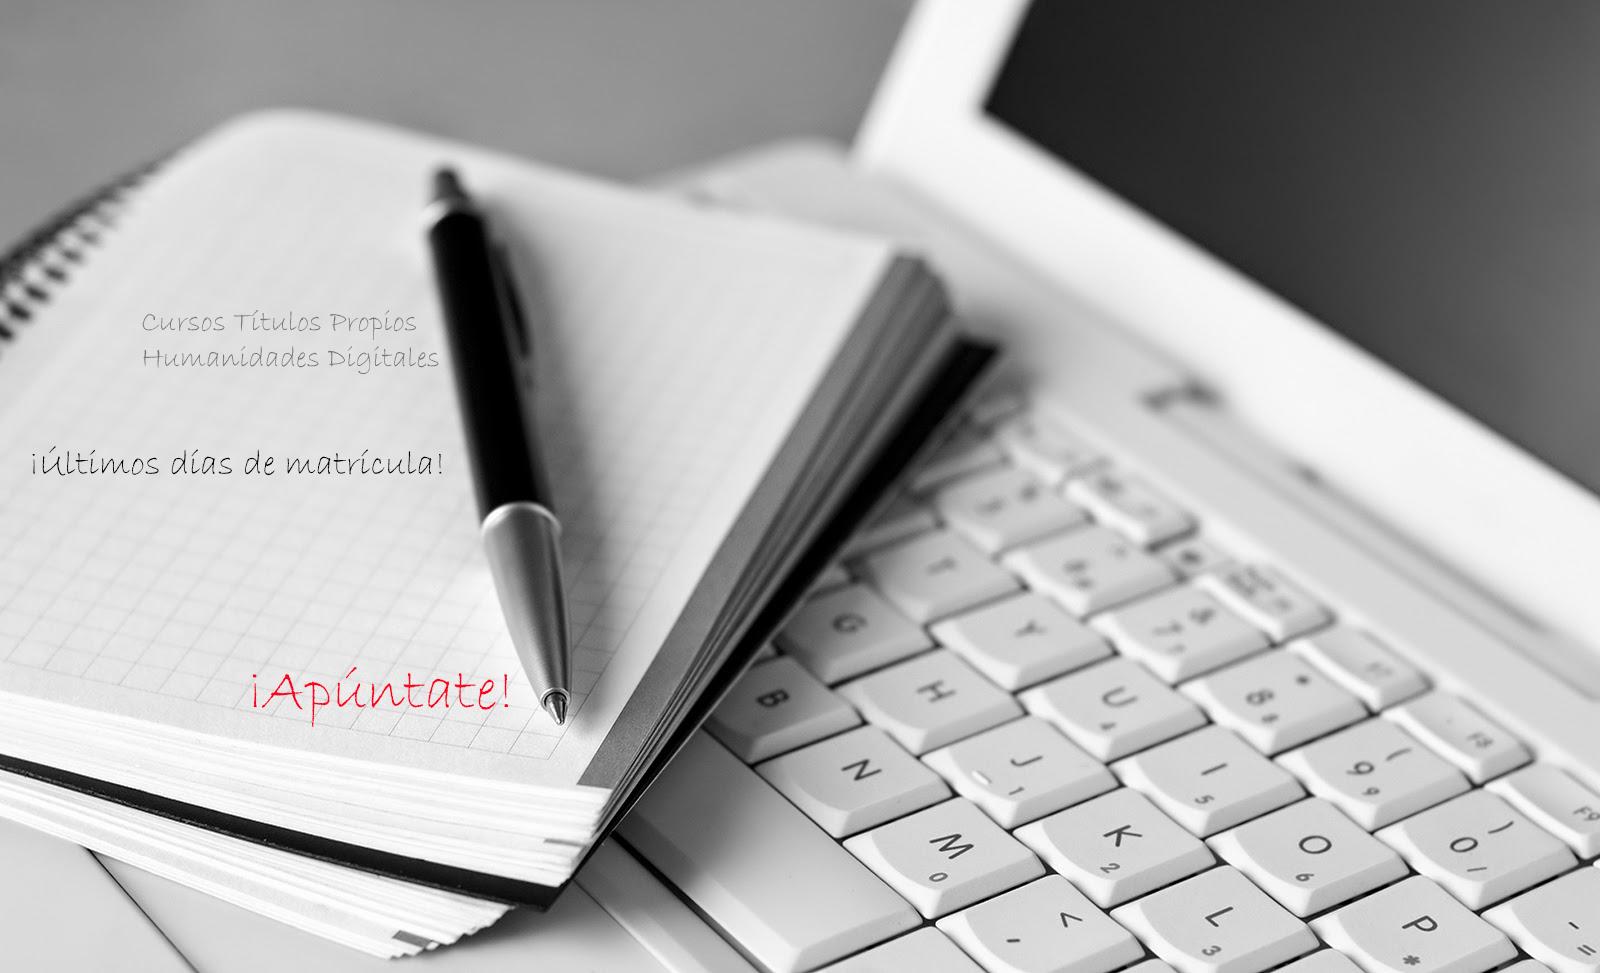 Últimos días de matrículapara nuestros Títulos Propios de Humanidades Digitales